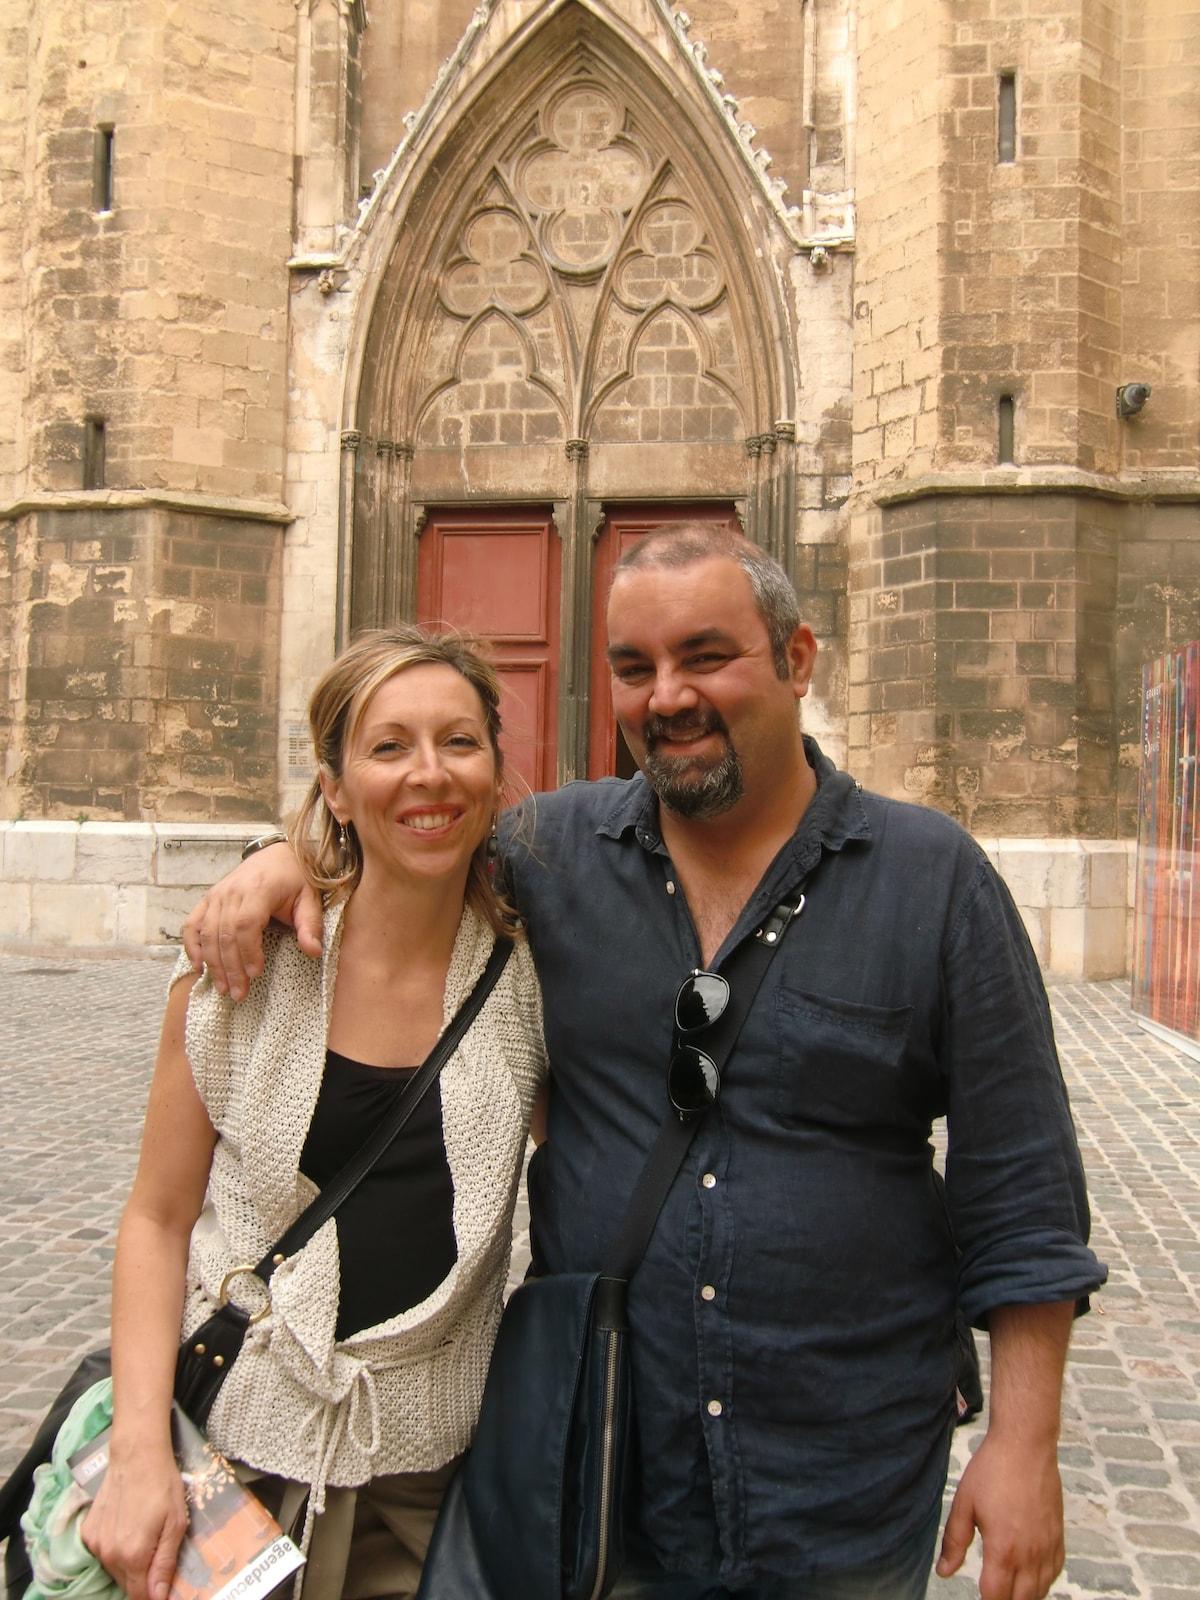 Pier Francesco & Sara From La Spezia, Italy